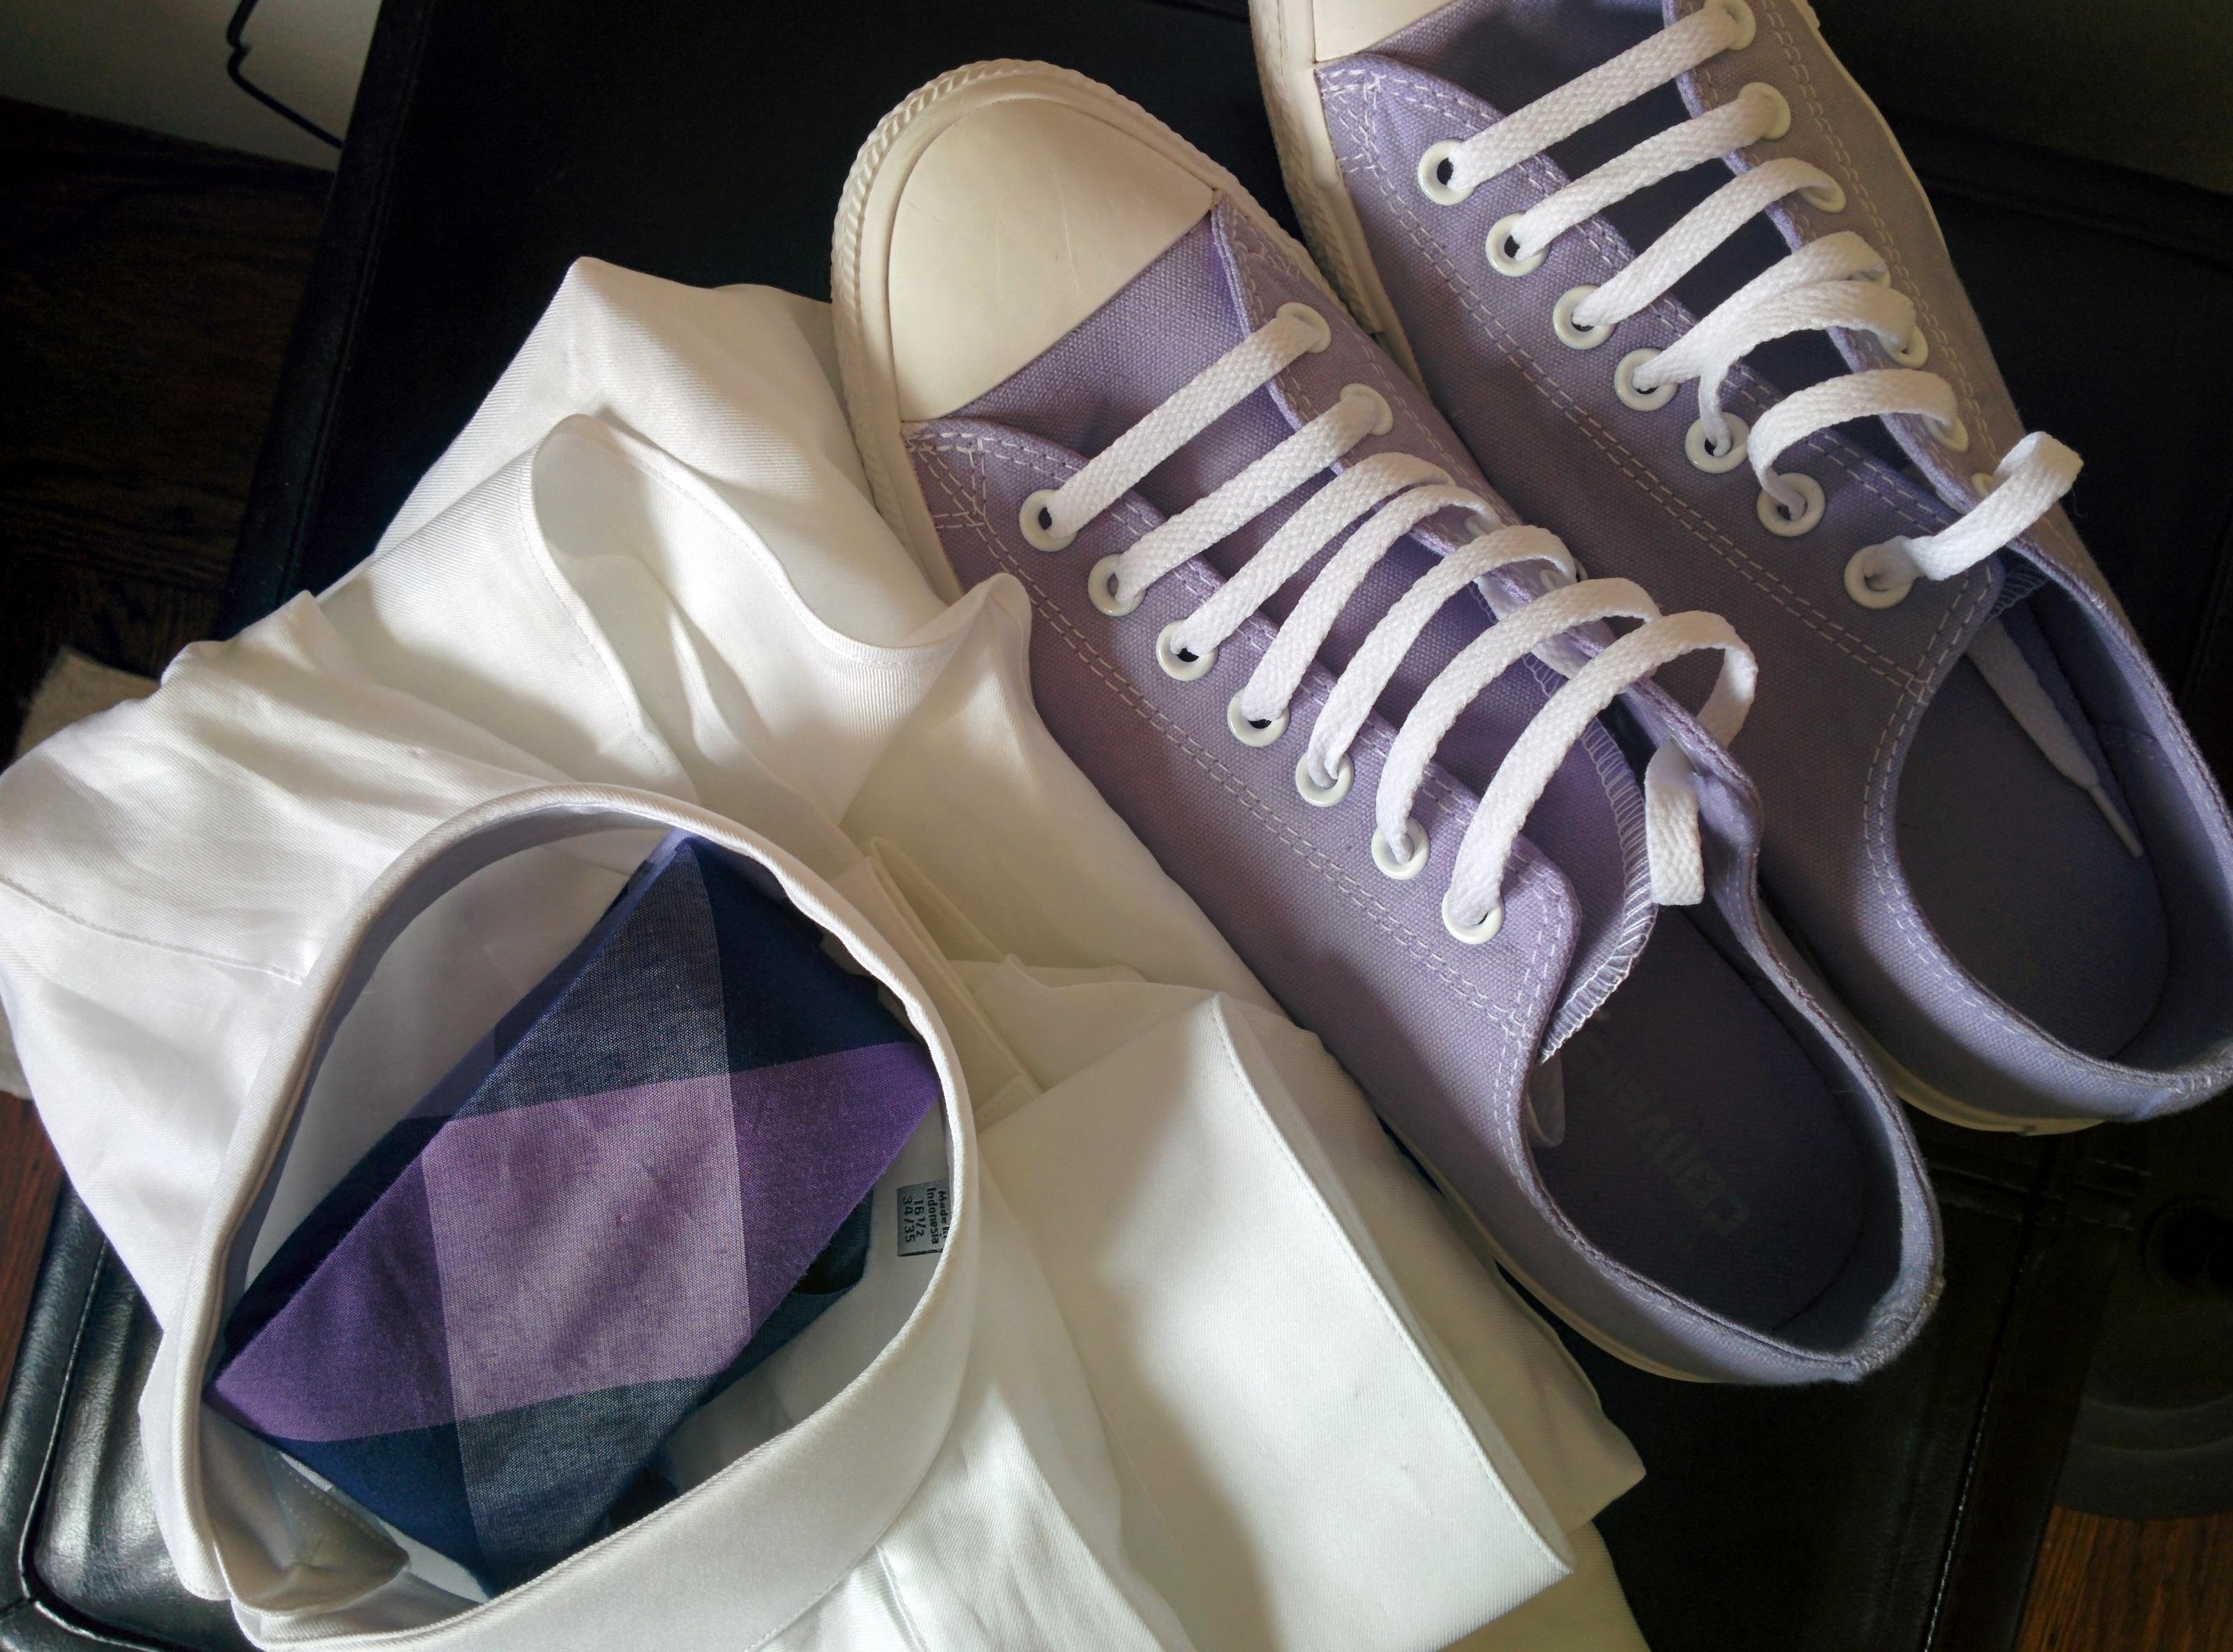 Free Images : shoe, white, celebration, leg, spring, fashion, blue ...